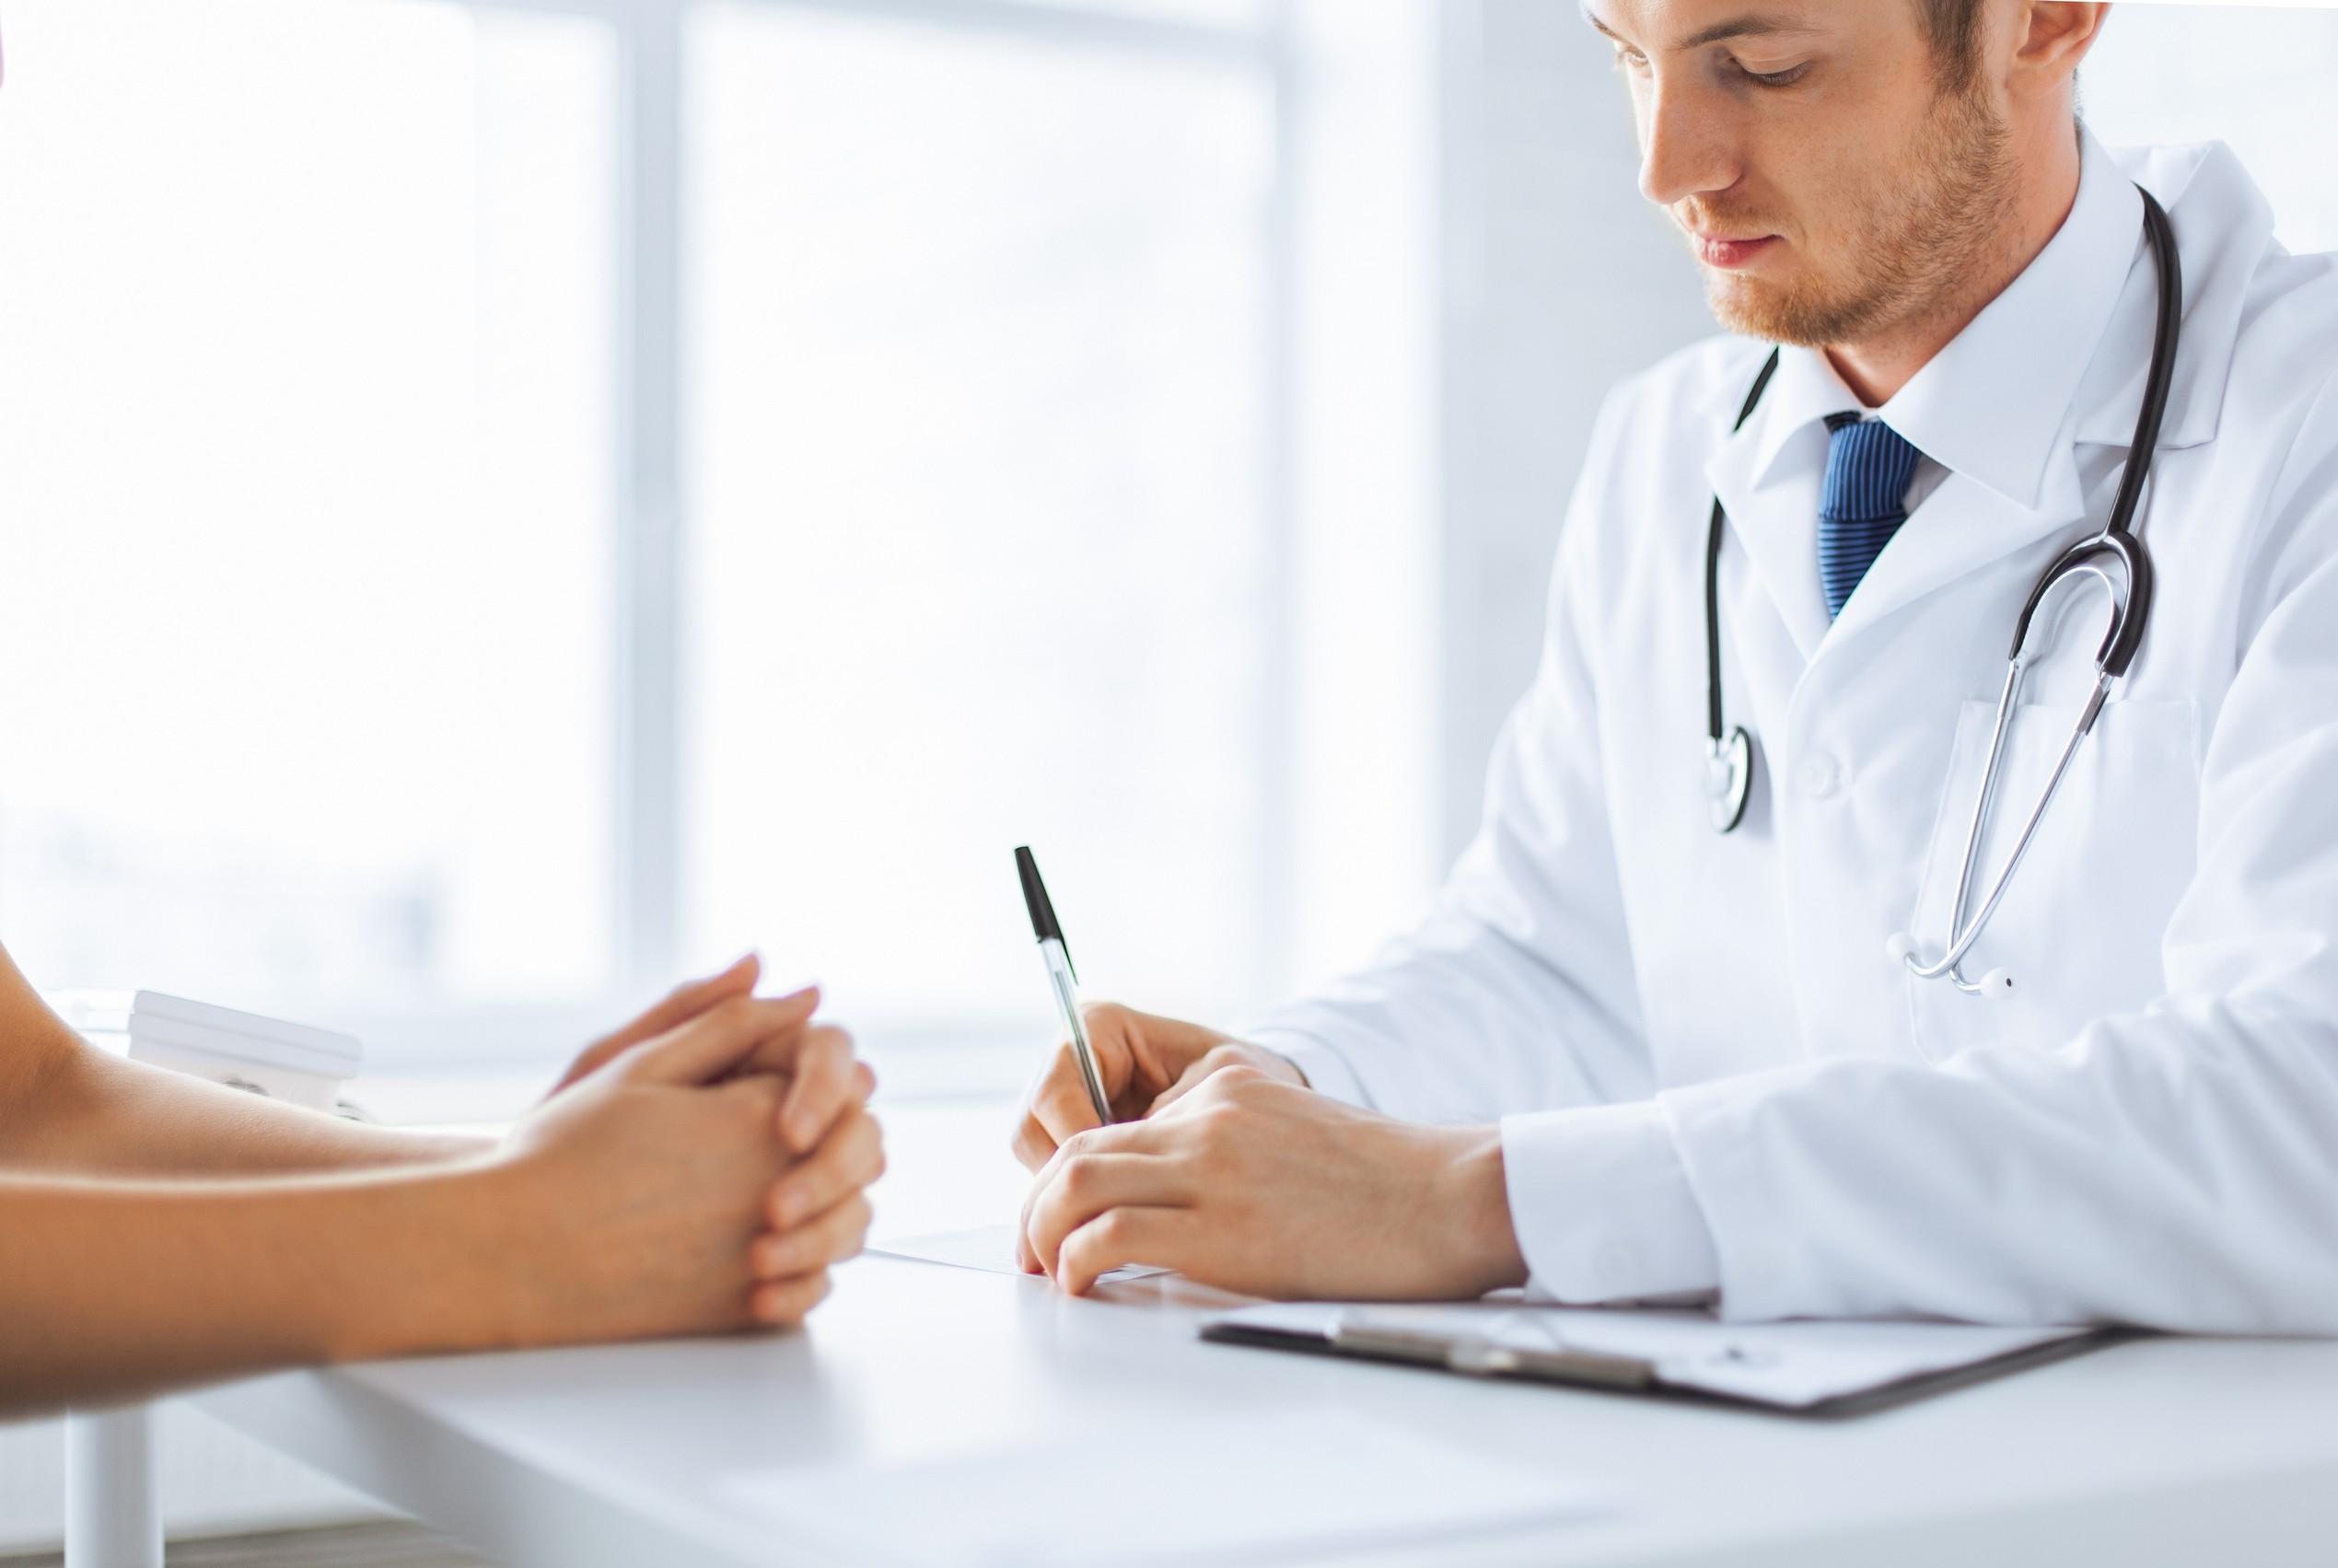 Жалоба на поликлинику: как написать и куда с ней обратиться